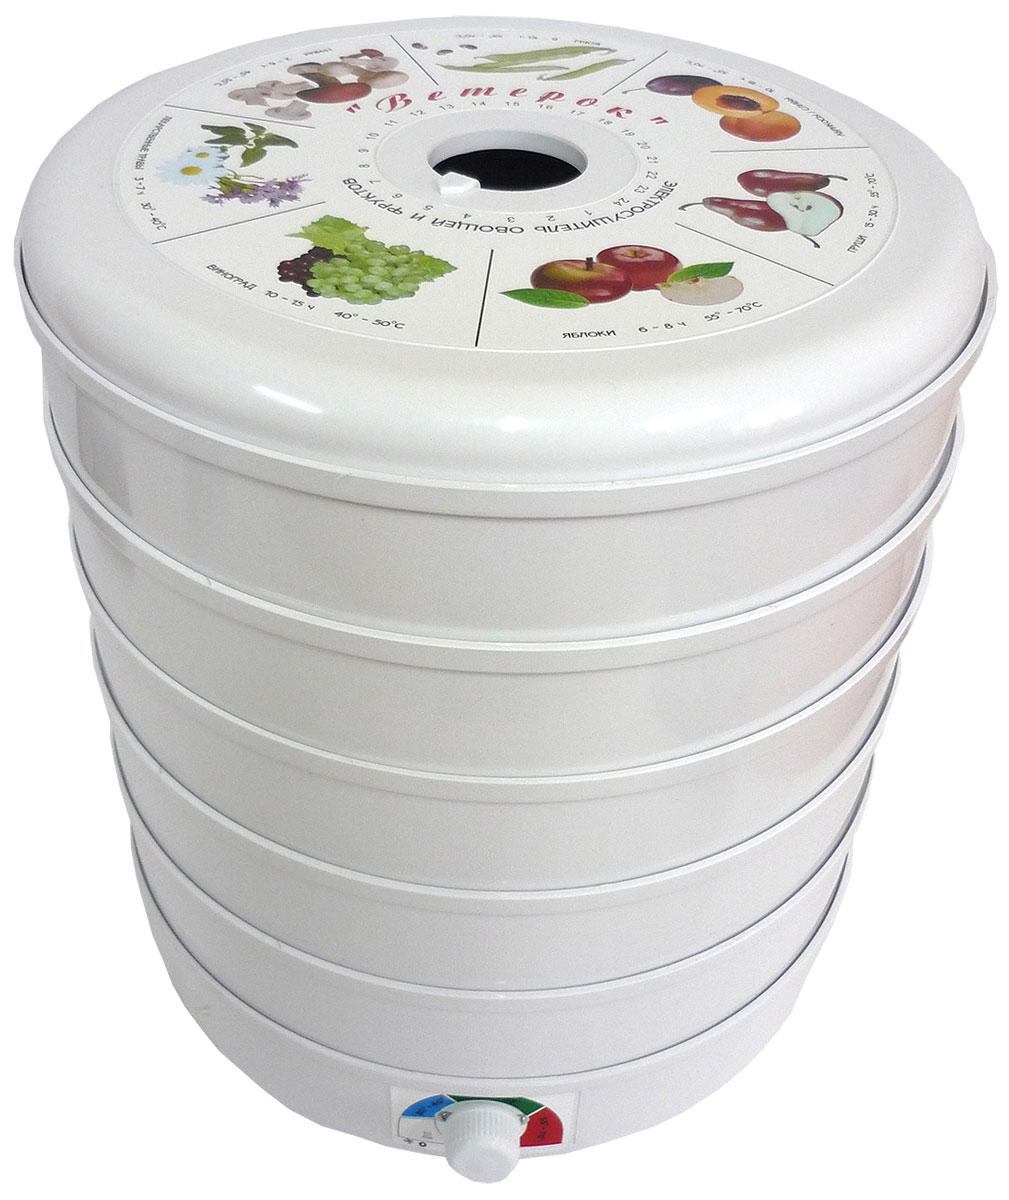 Ветерок-5 ЭСОФ-0.5/220, White сушилка для овощей и фруктовЭСОФ- 0.5/220Электросушитель для овощей и фруктов с пятью поддонами Ветерок ЭСОФ-0.5/220 имеет повышенную производительность. Он предназначен для сушки плодов (яблоки, груши, вишни и т.д.), ягод, овощей, грибов, лекарственных растений, а также других продуктов (например сушка и вяление рыбы) в домашних условиях. Эффективность сушки составляет не менее 80% от массы исходного продукта при температуре от 30 до 70°С и времени от 2 до 30 часов. В данном приборе также установлен вентилятор повышенной мощности. Средний срок службы - 10 лет.